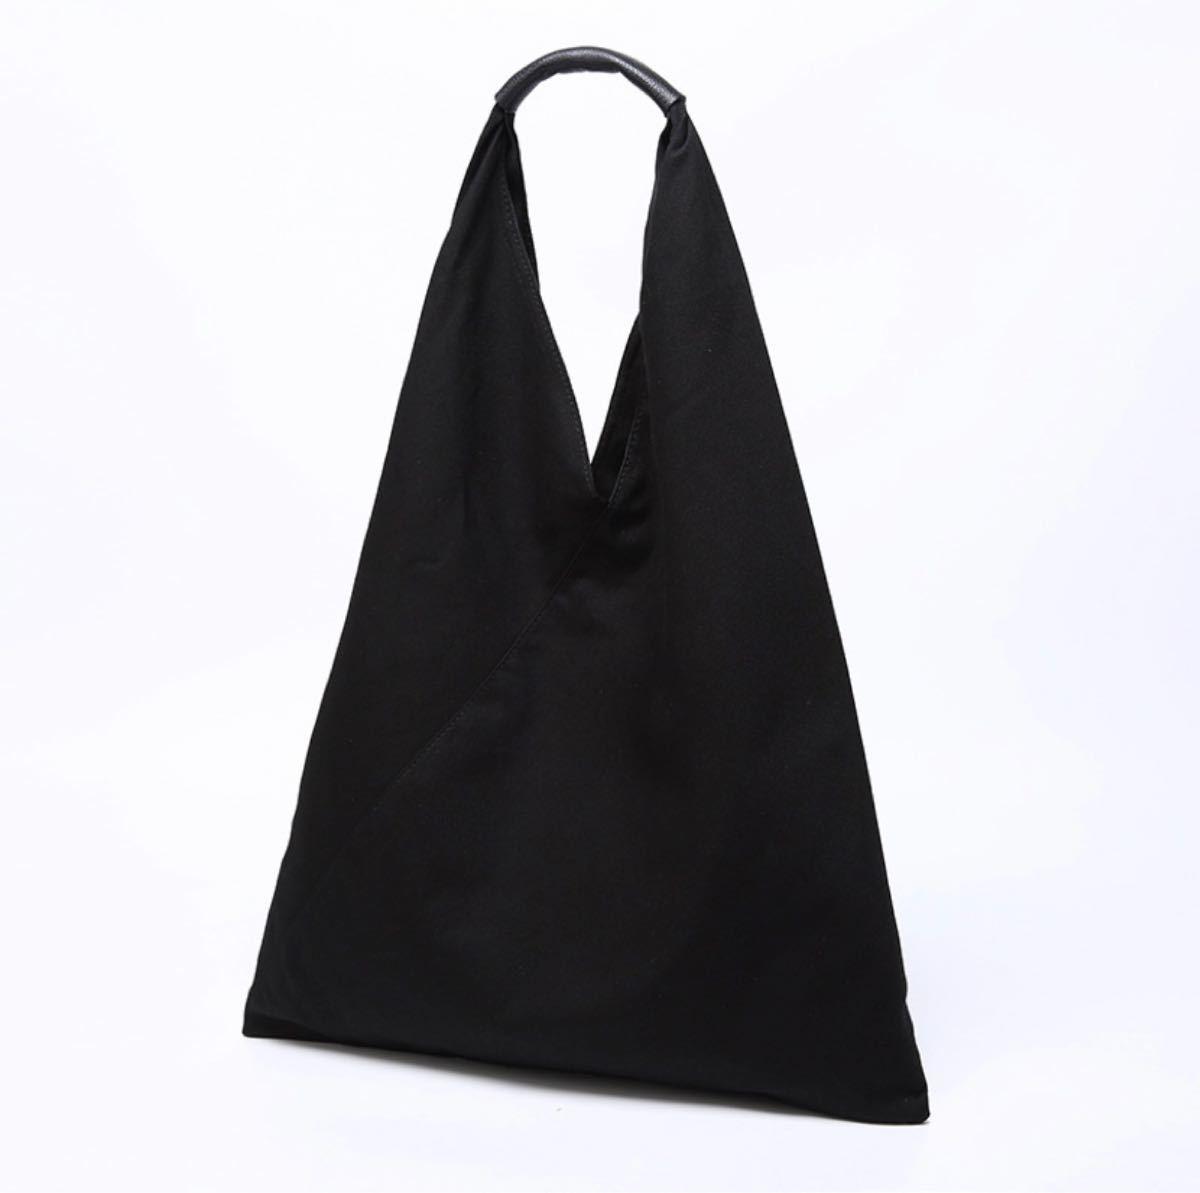 【最安値】大容量ワンショルダーバッグ エコバッグ トートバッグ マザーズバッグ トライアングルバッグ